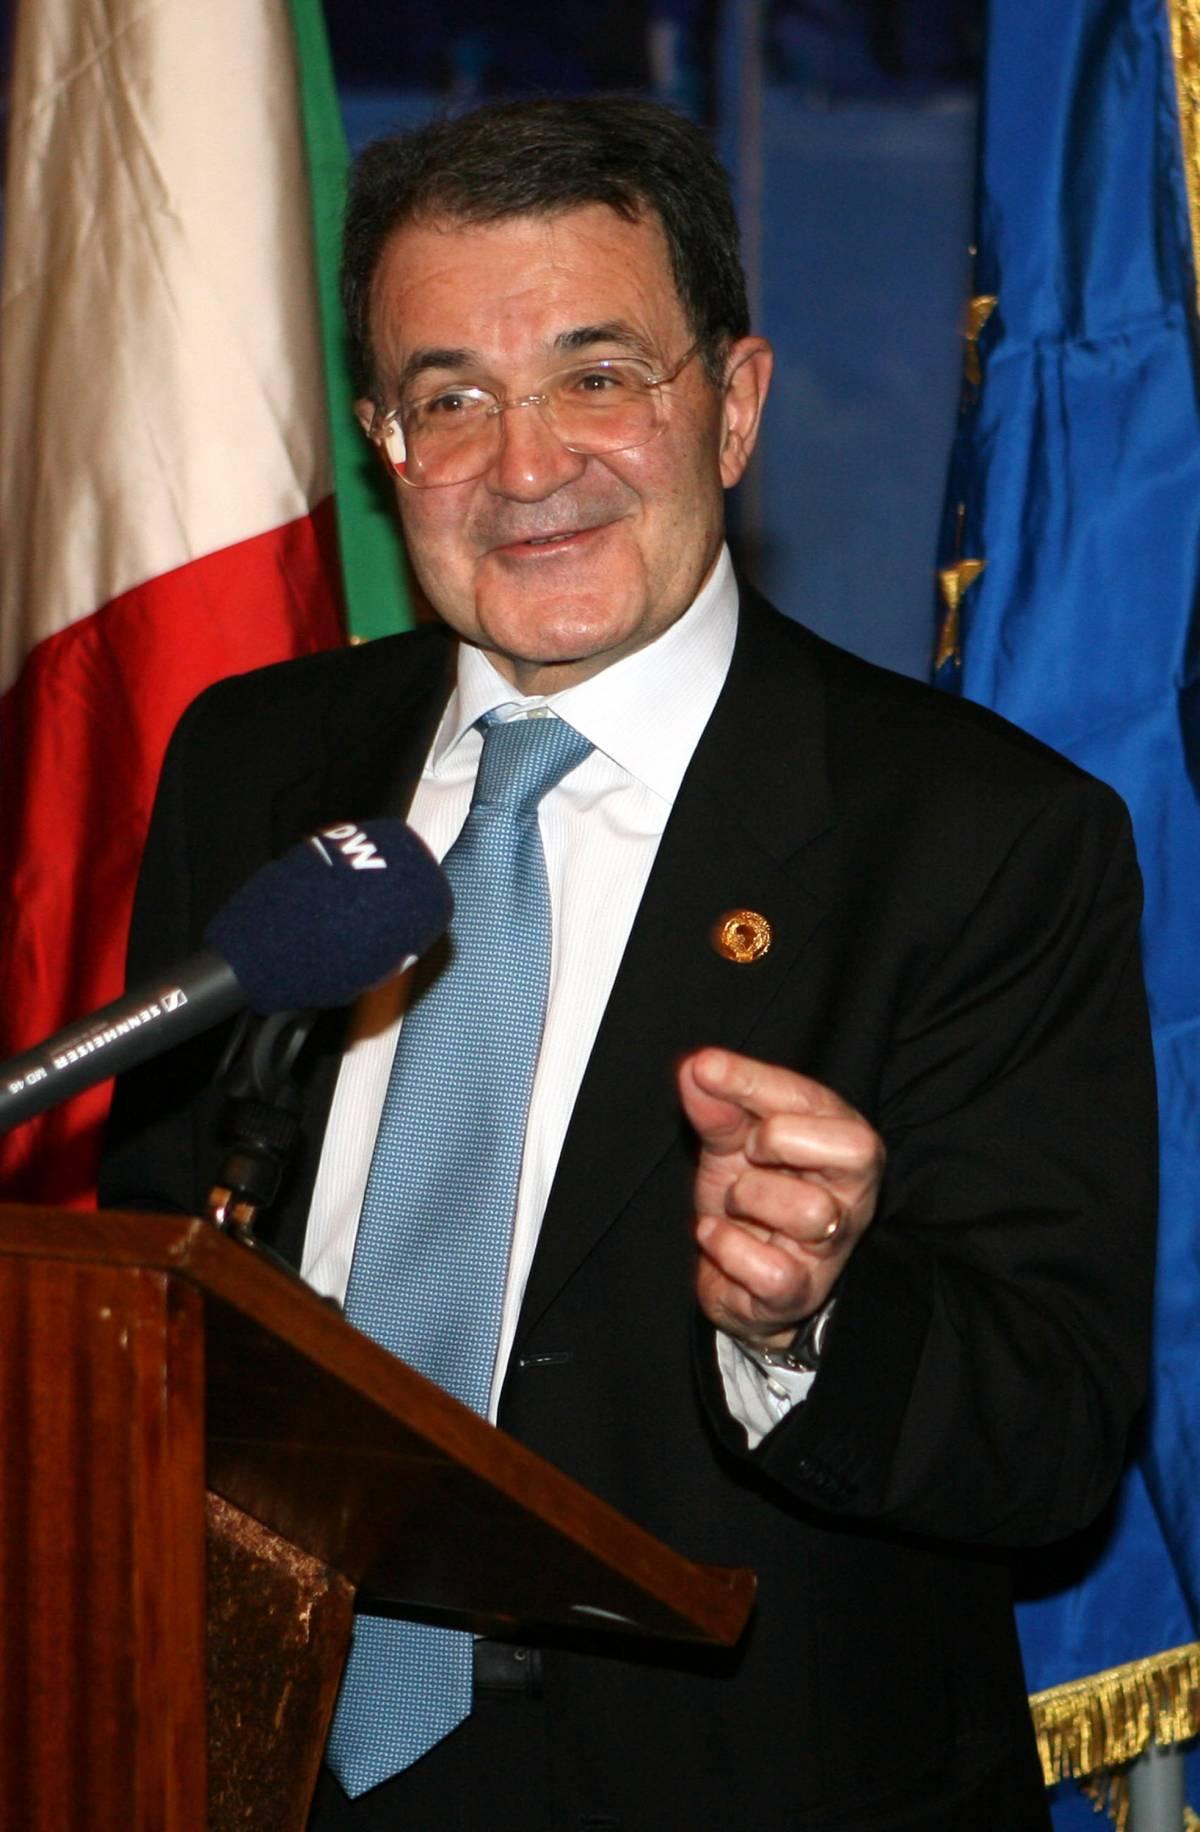 Lo scampato pericolo per Prodi è una festa